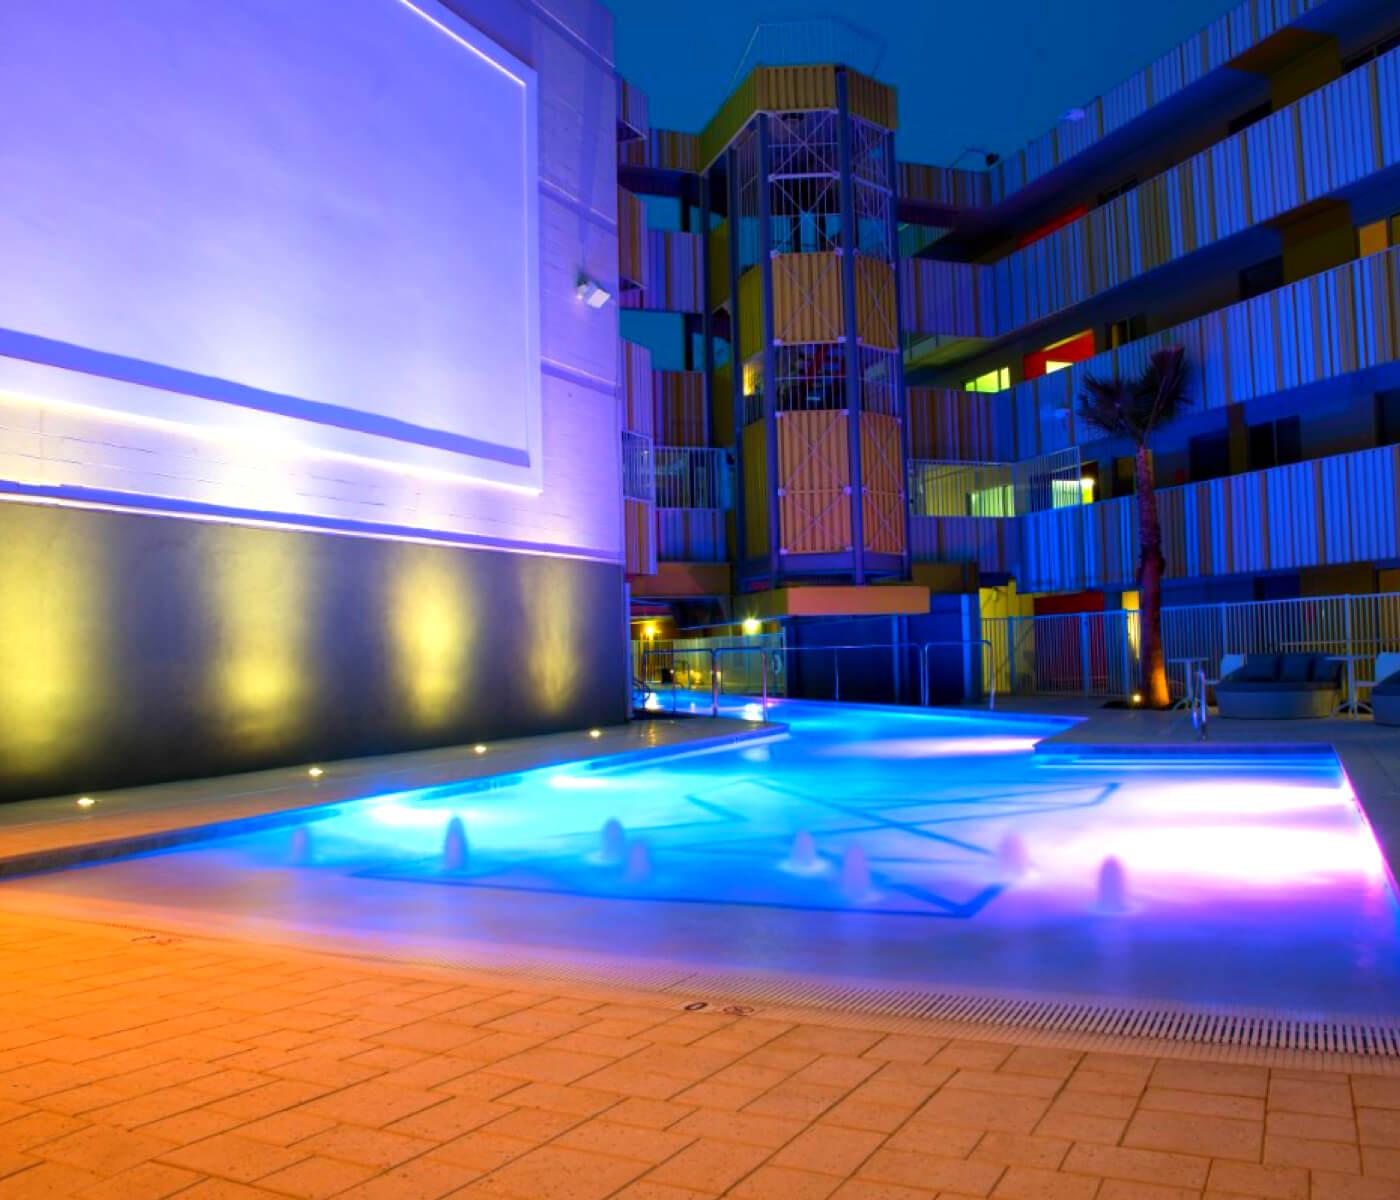 Apartments In Tempe Az Near Asu - anunciosdelrecuerdo